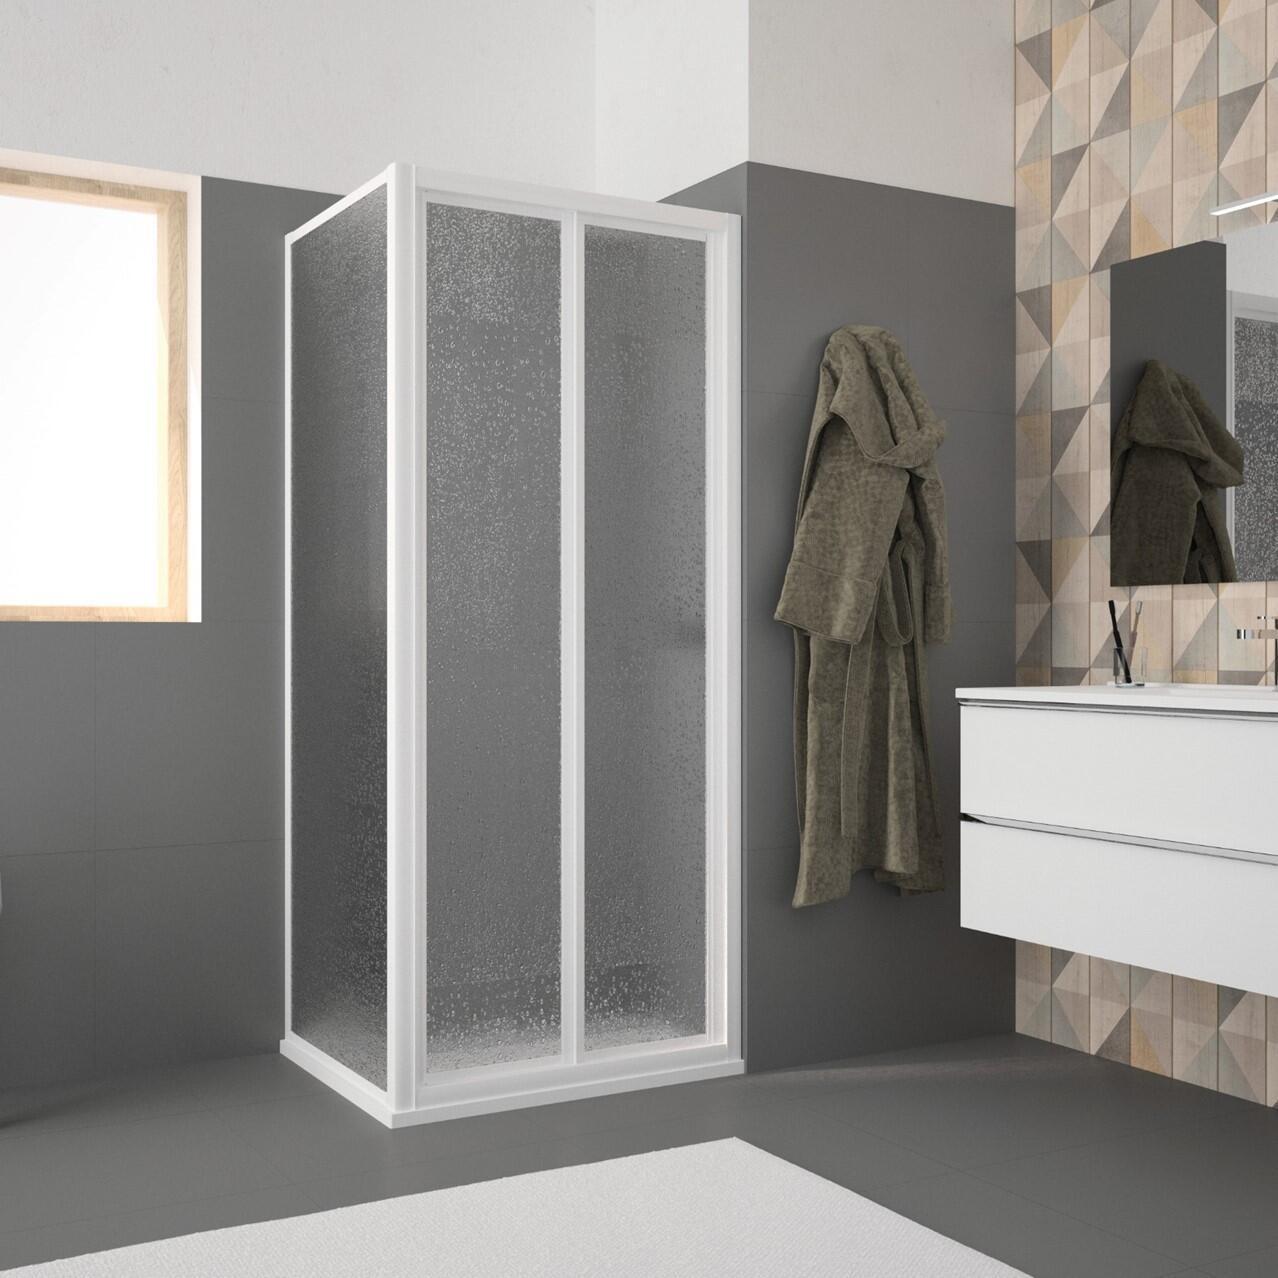 Porta doccia pieghevole Opale 90 cm, H 185 cm in acrilico, spessore 2.8 mm acrilico piumato bianco - 1